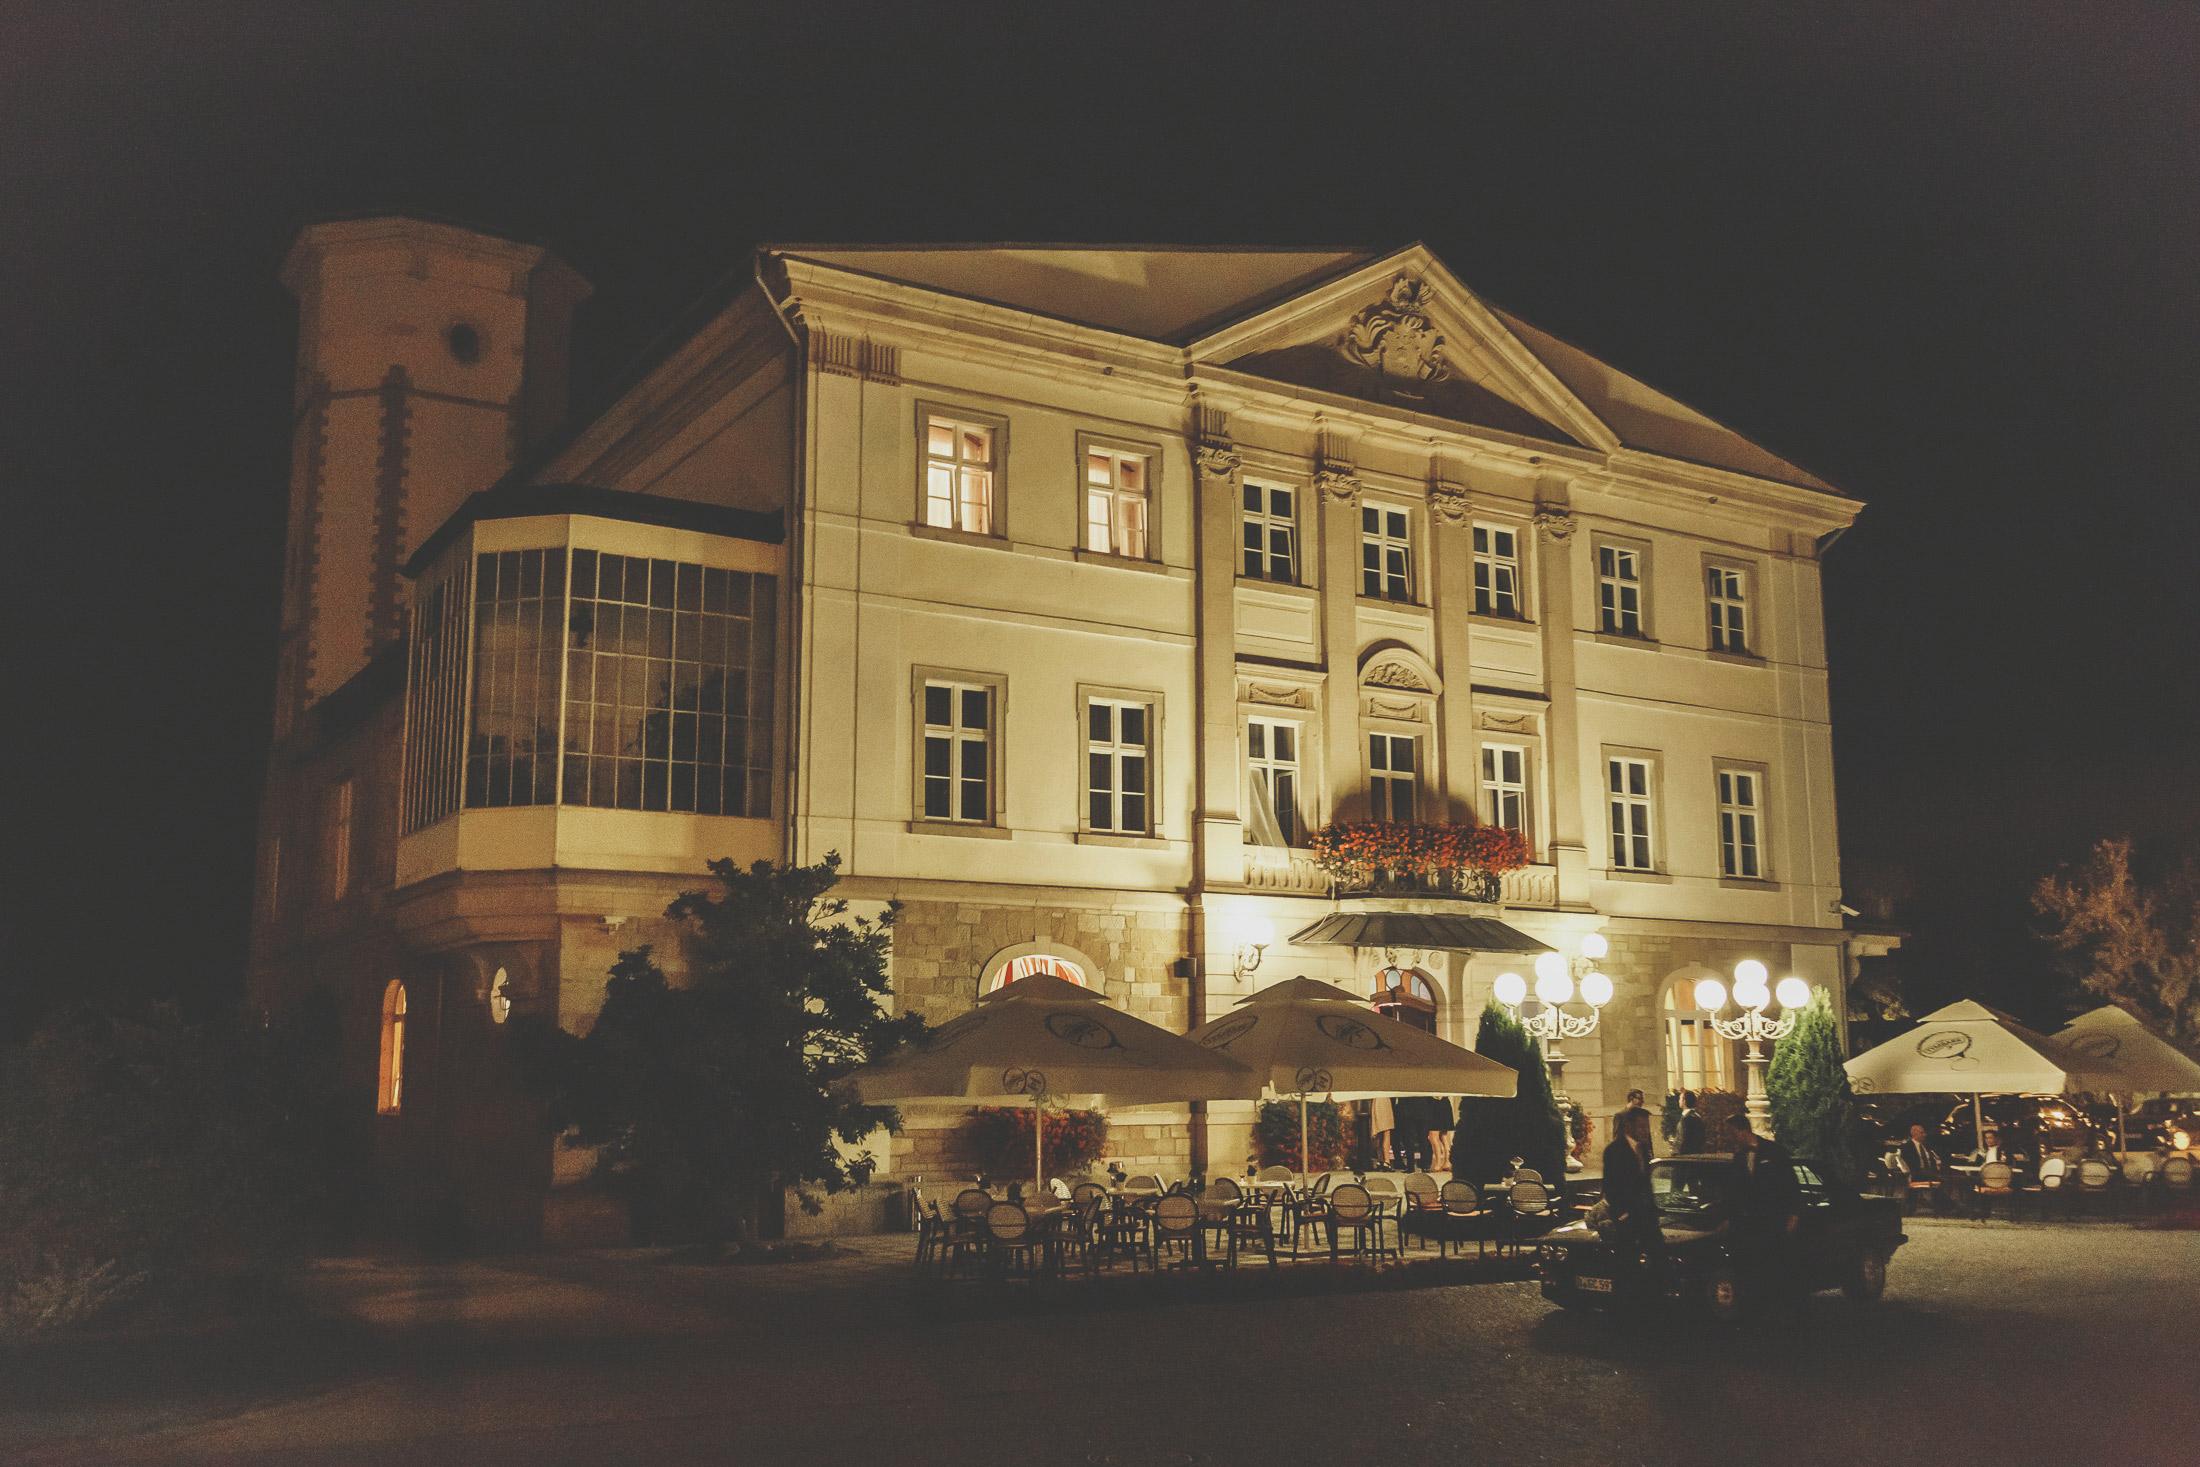 hochzeit in polen location, schloss, Pałac Brunów, fotograf